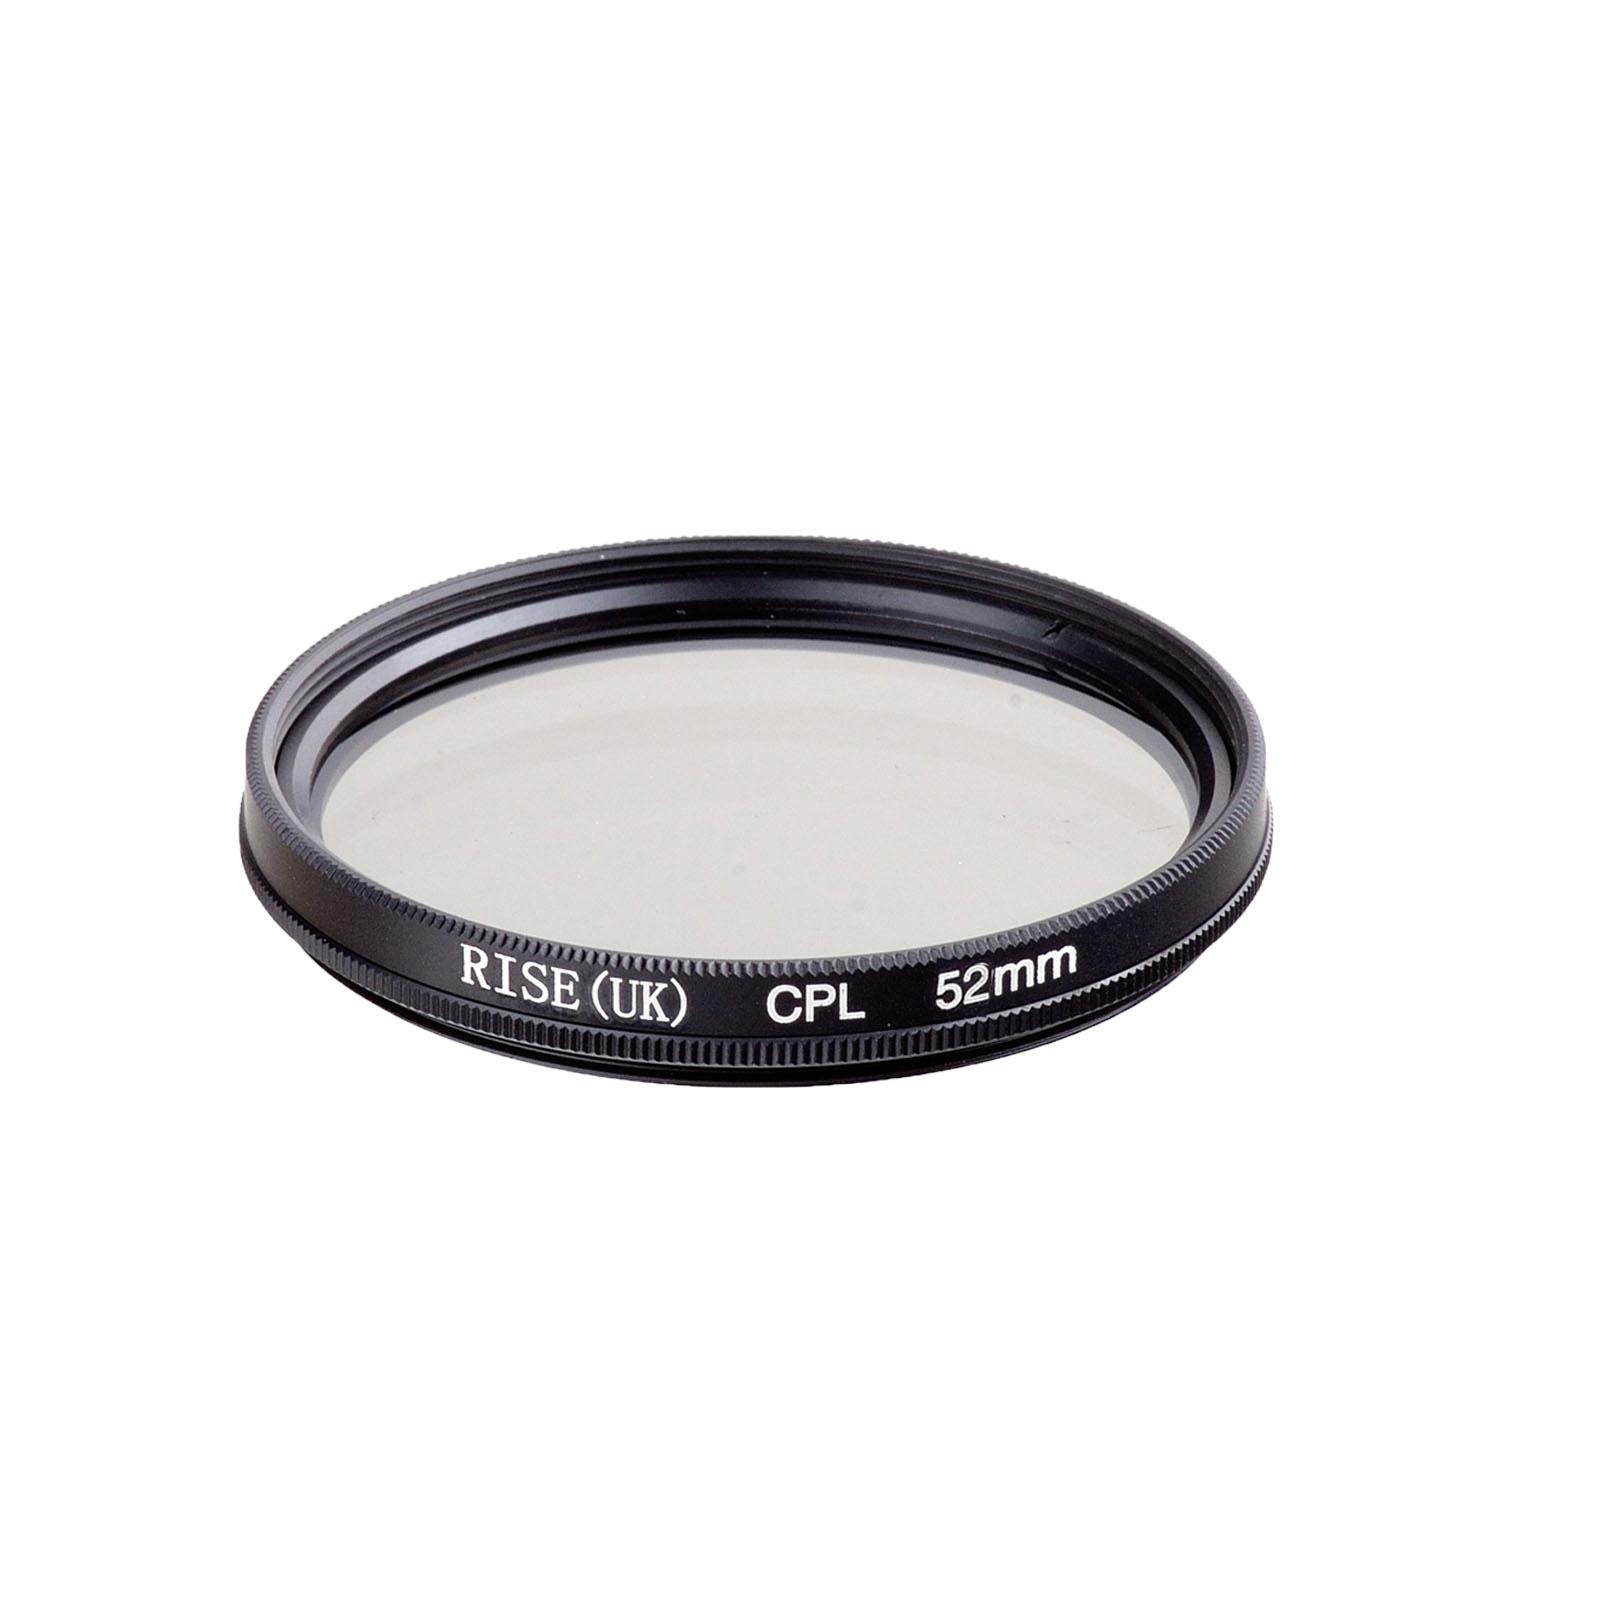 RISE(UK) 52mm circular polarising CPL filter for Nikon D3100 D3200 D5100 D5000 D3000 D40 kit(China (Mainland))